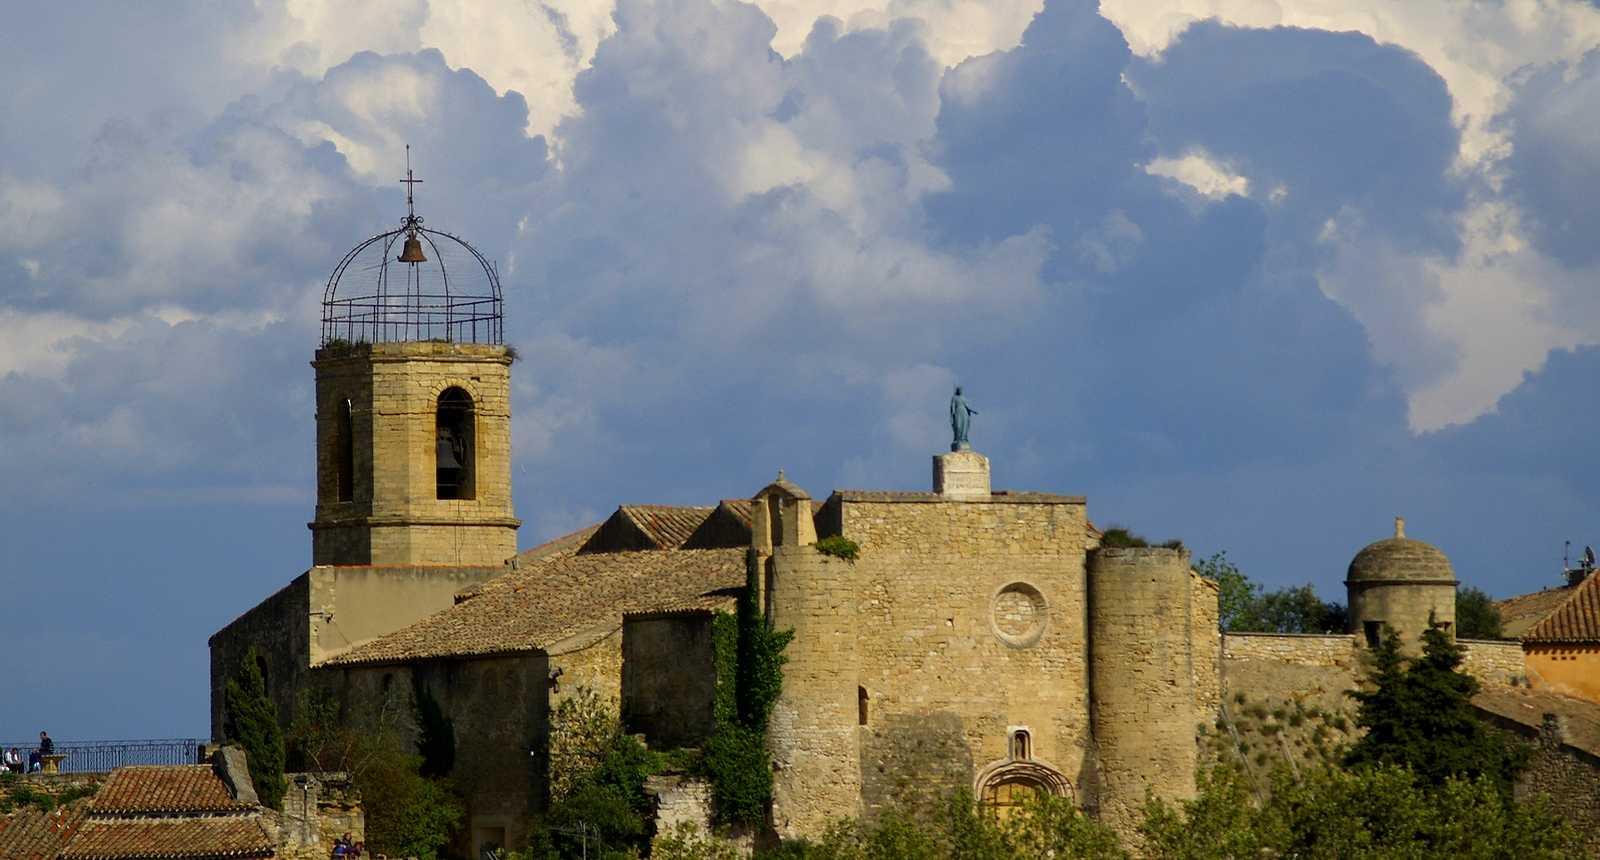 L'église Notre-Dame-de-Beauvoir du Vieil Istres